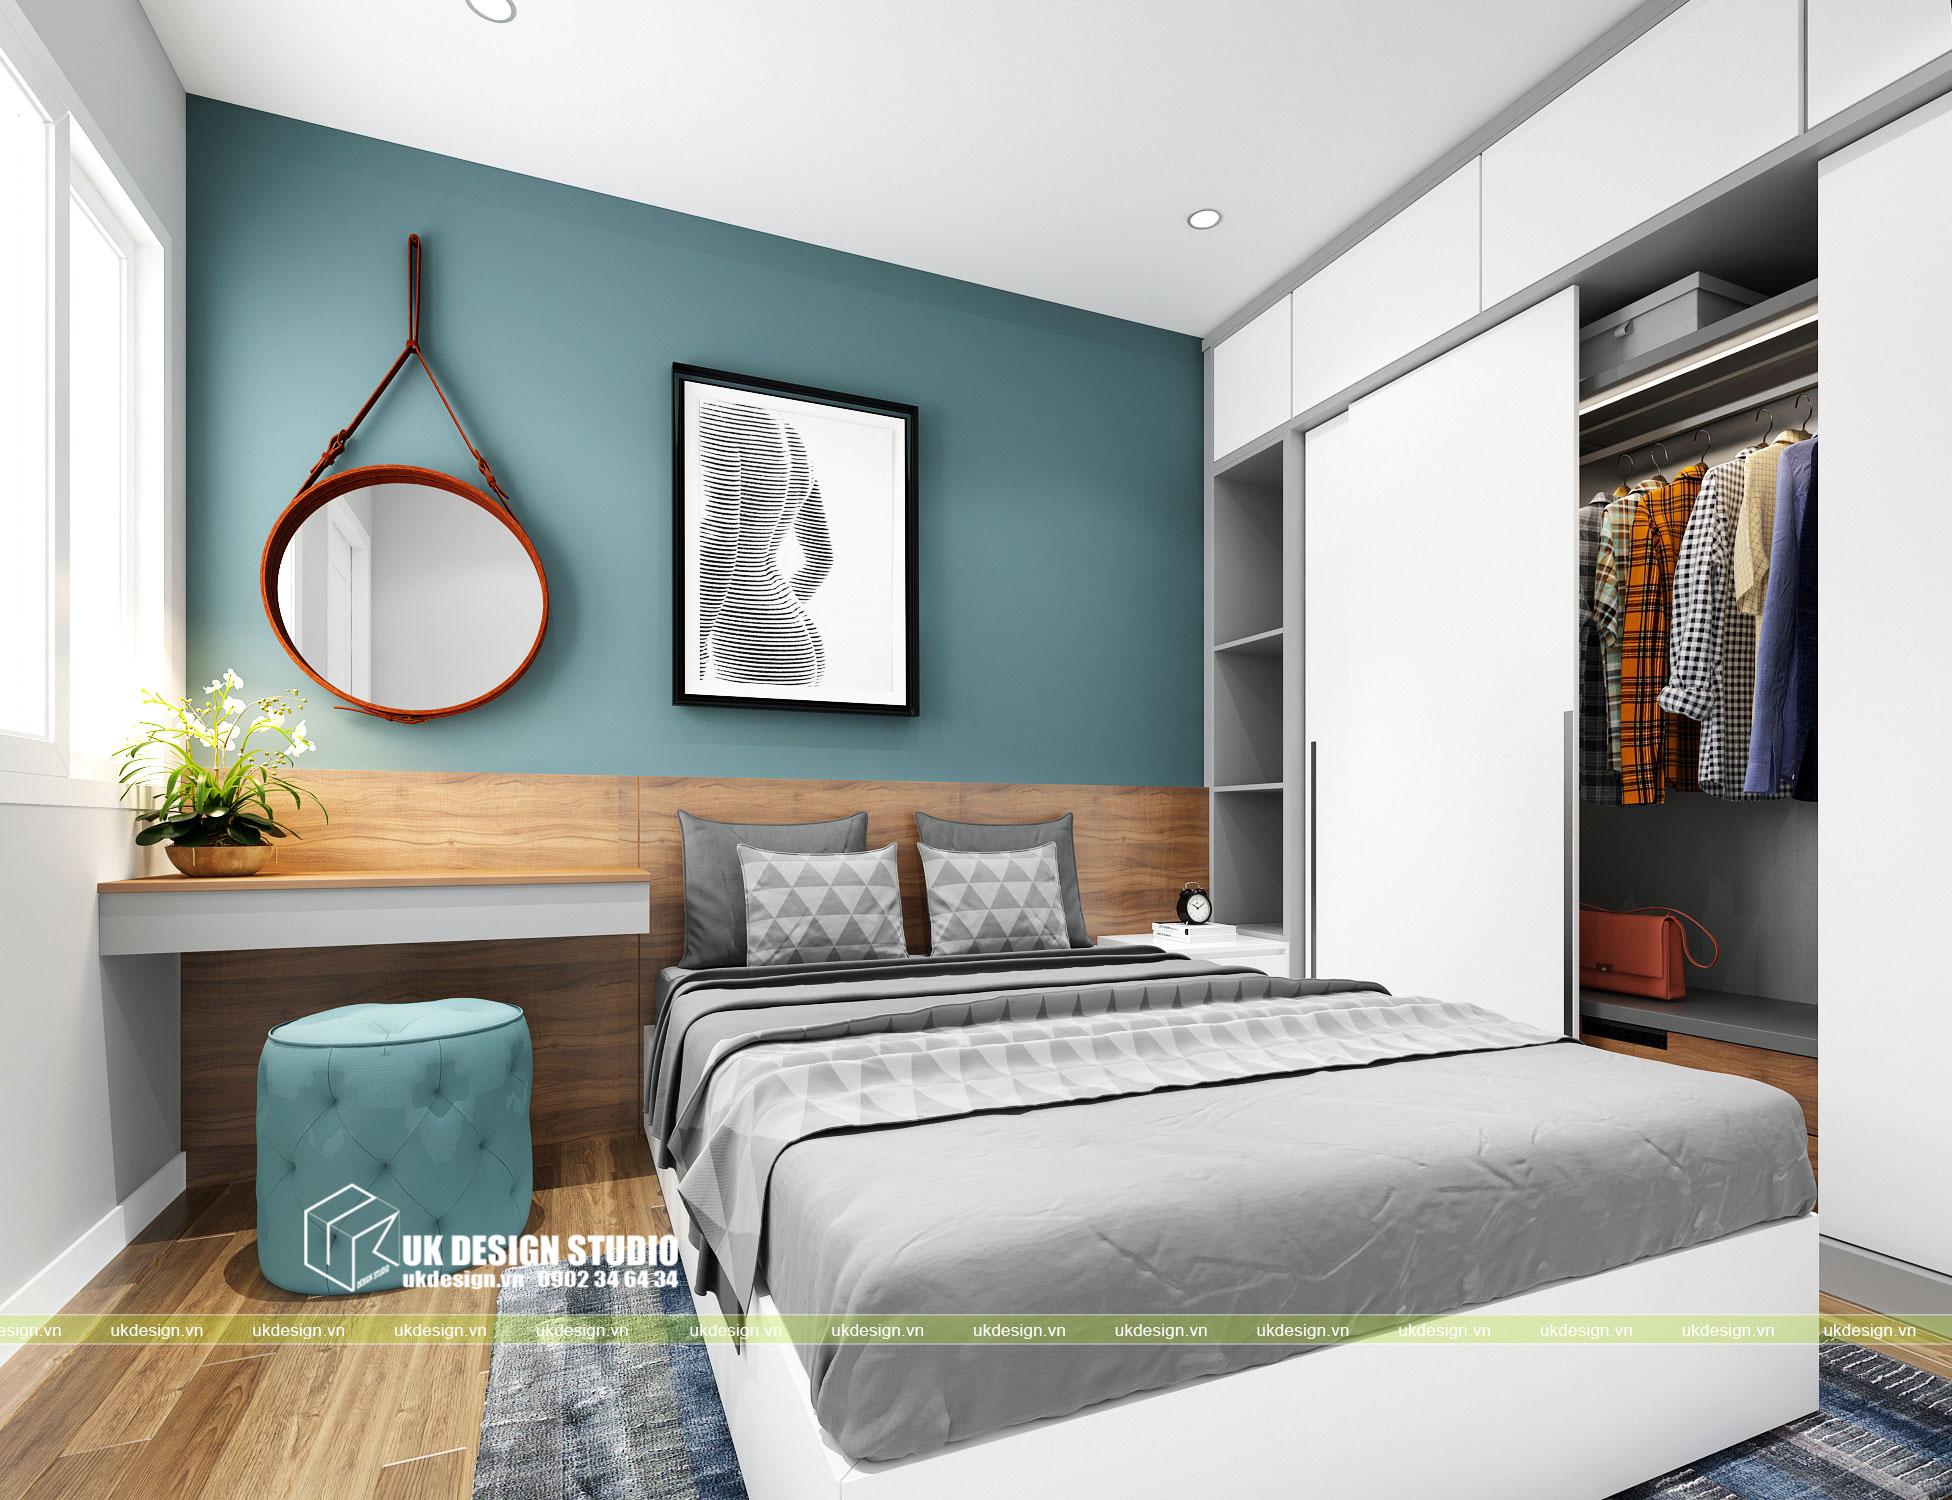 Thiết kế nội thất căn hộ 2 phòng ngủ 8